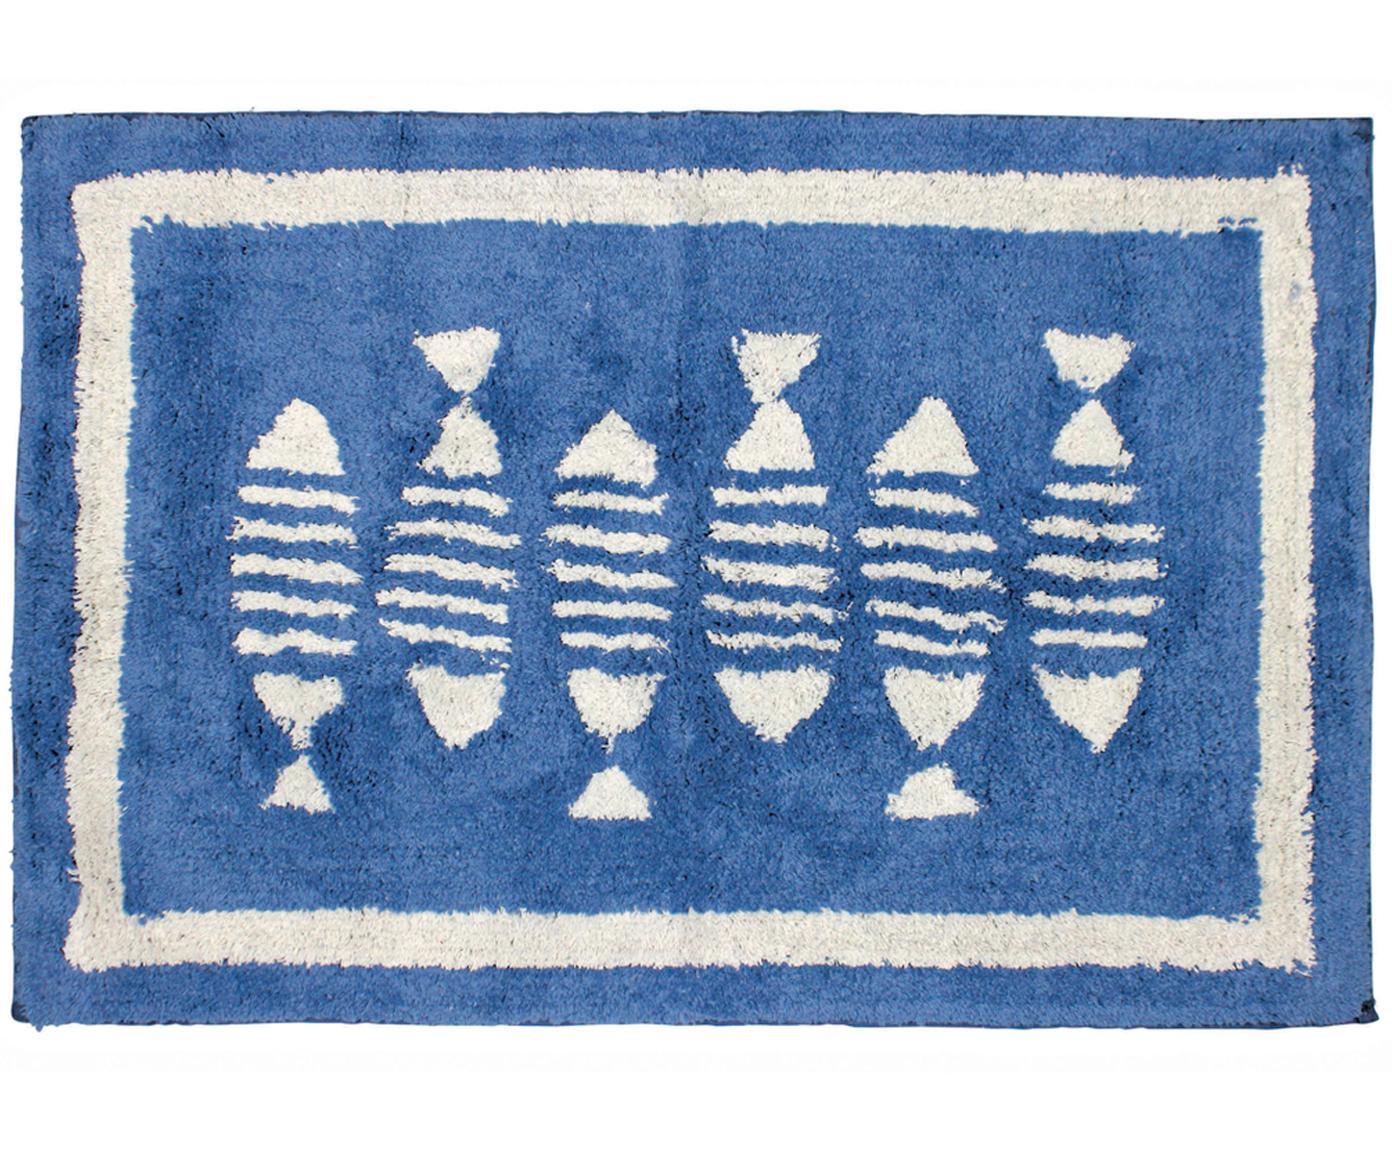 Dywanik łazienkowy Summa, Bawełna, Niebieski, biały, S 60 x D 90 cm